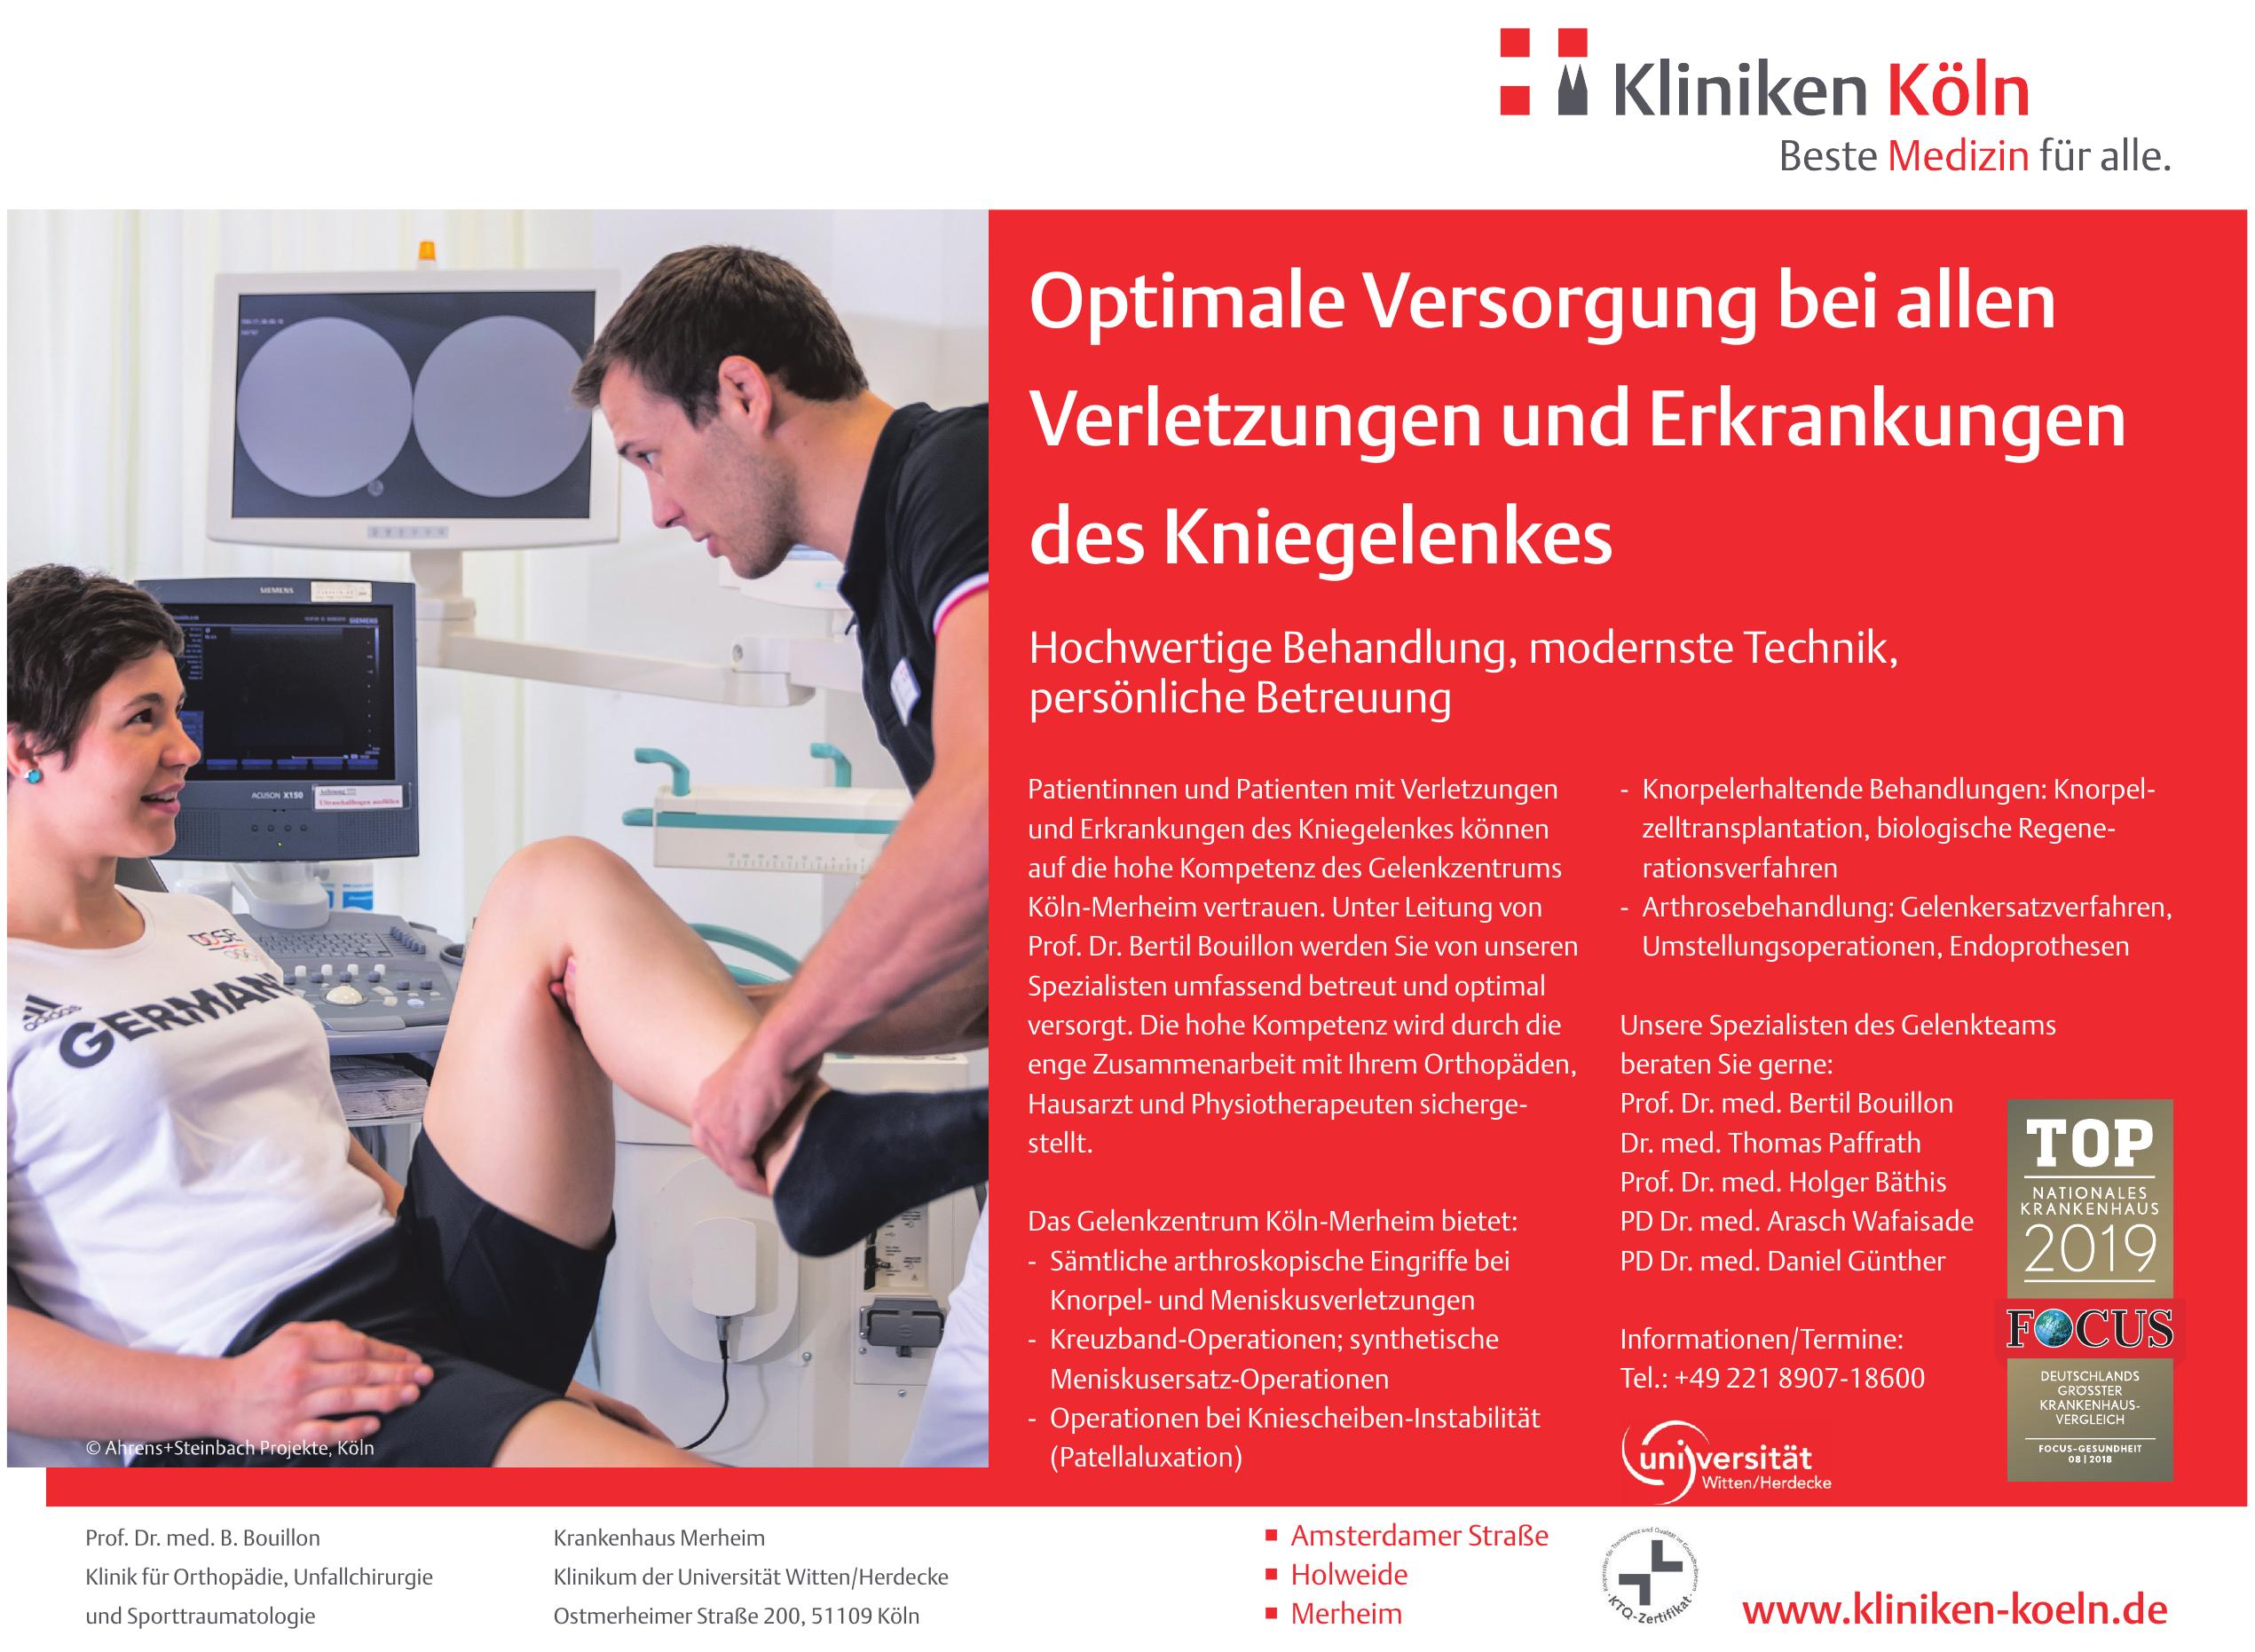 Krankenhaus Merheim - Klinik für Orthopädie, Unfallchirurgie und Sporttraumatologie